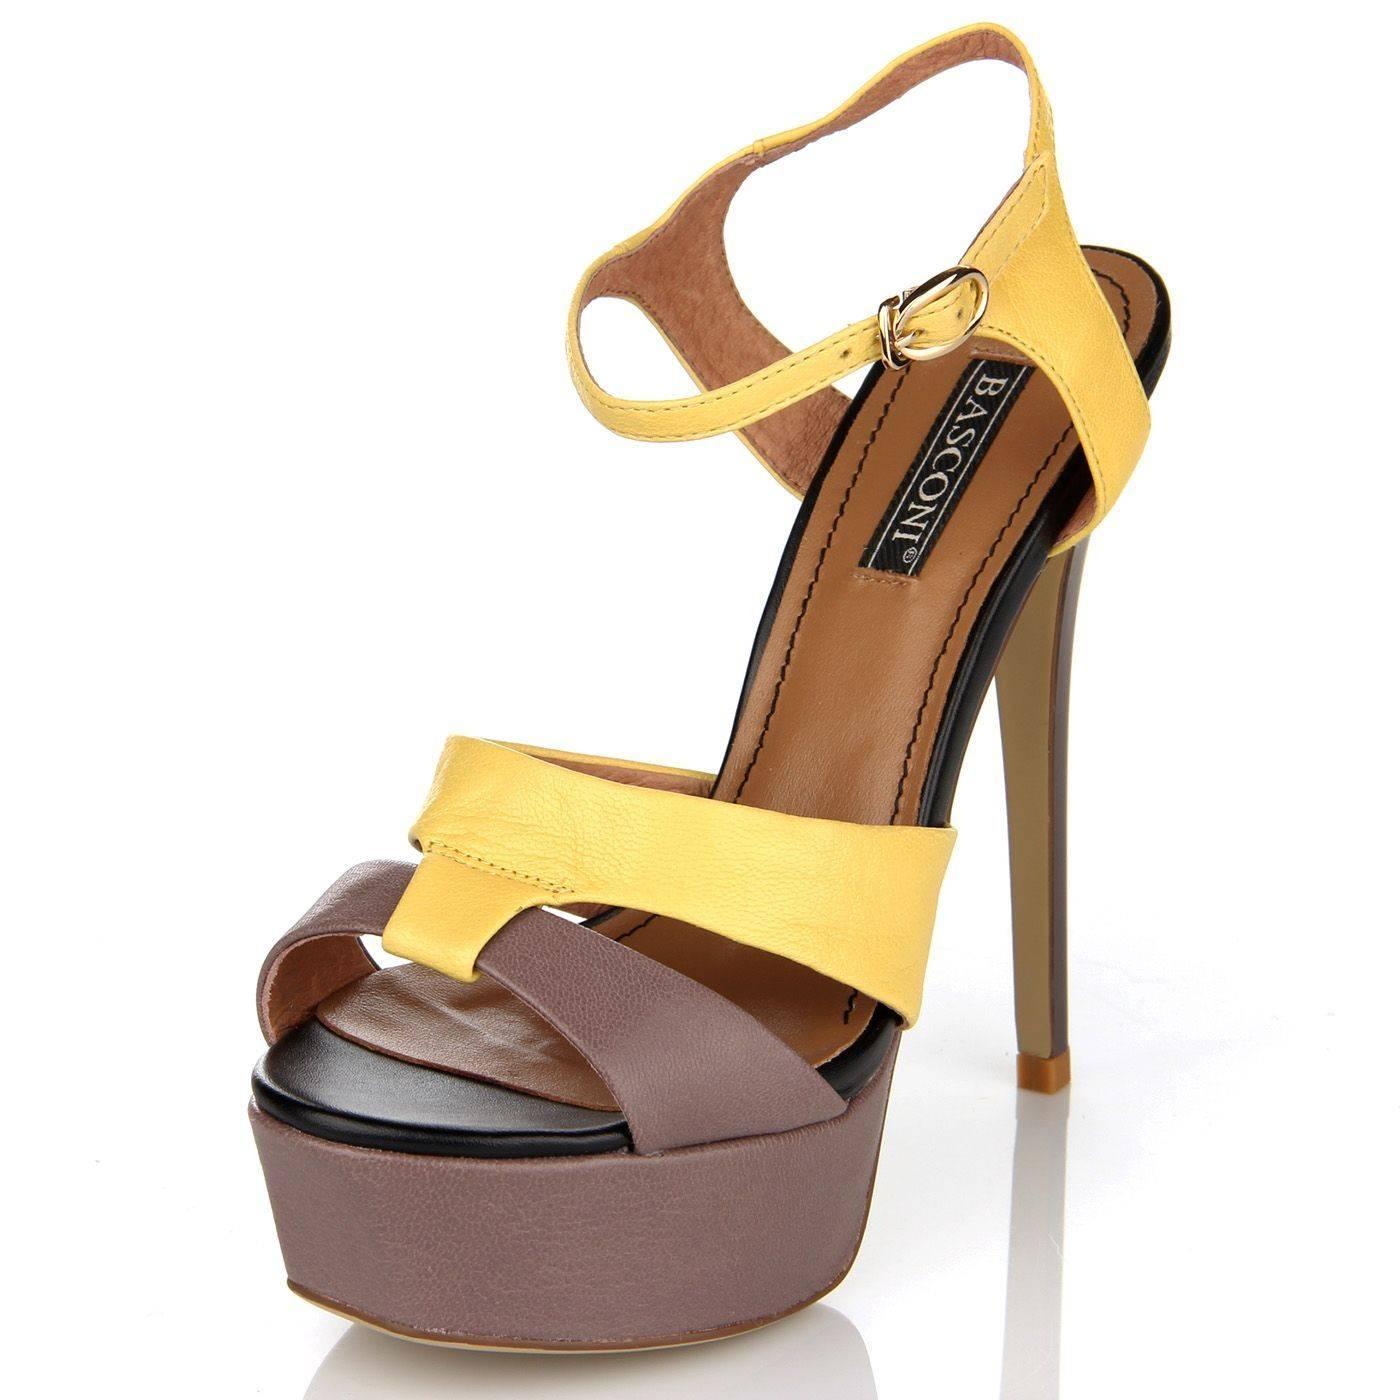 Босоніжки жіночі basconi 2290 Жовтий купить по выгодной цене в ... 3d72522e8cb35